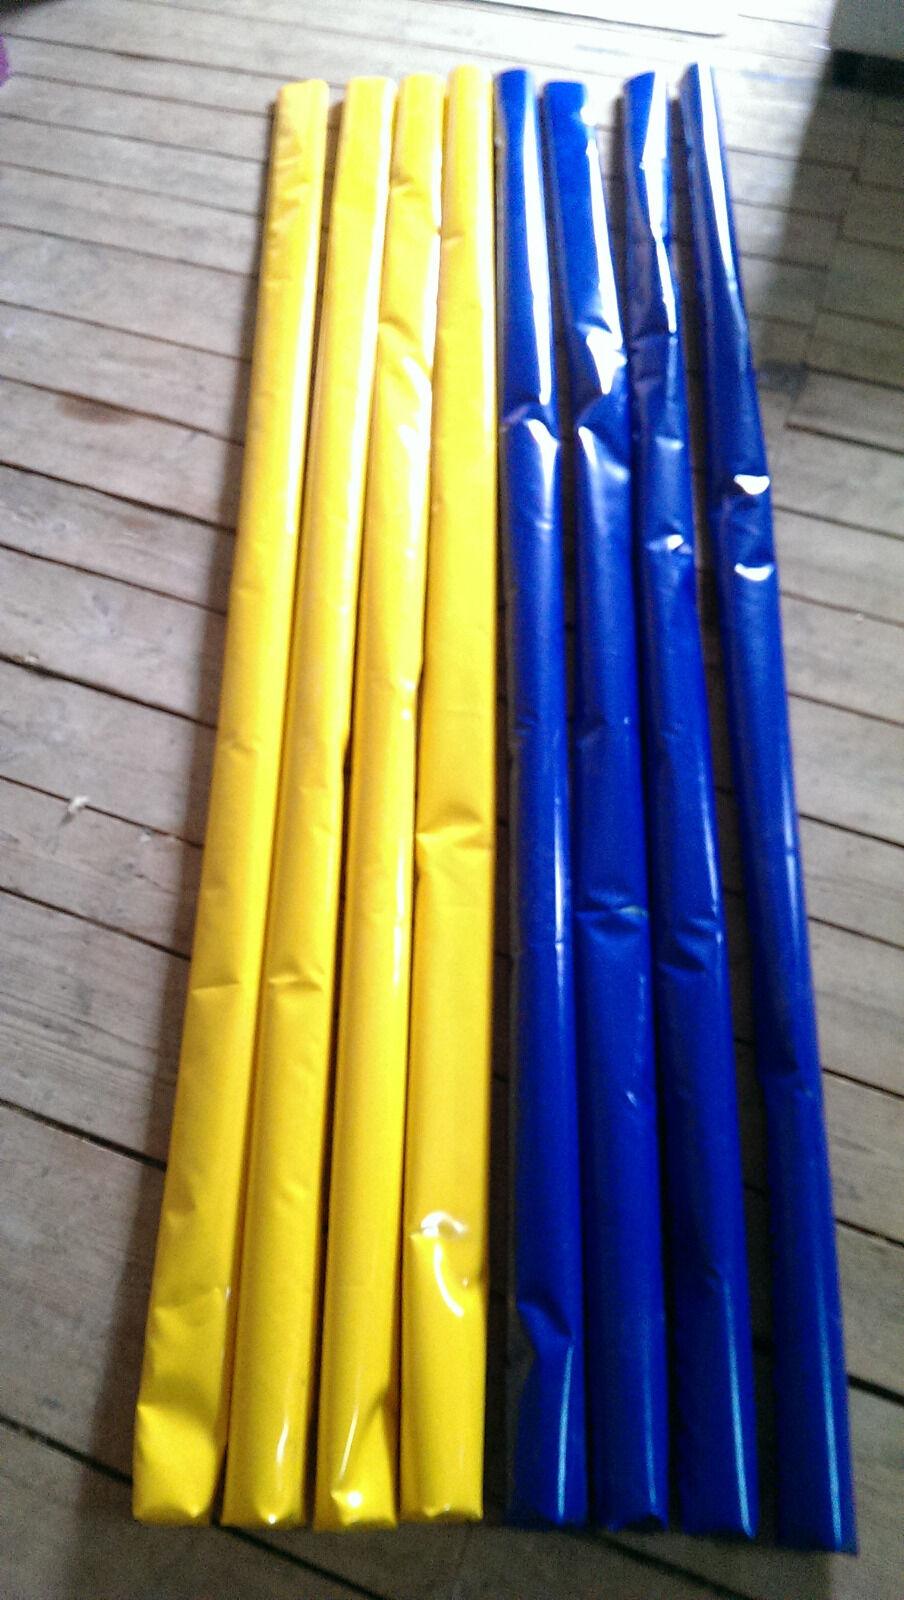 4 Bodenarbeit Stangen 2x Blau 2x Gelb 3,2m Trabstangen für dual aktivierung